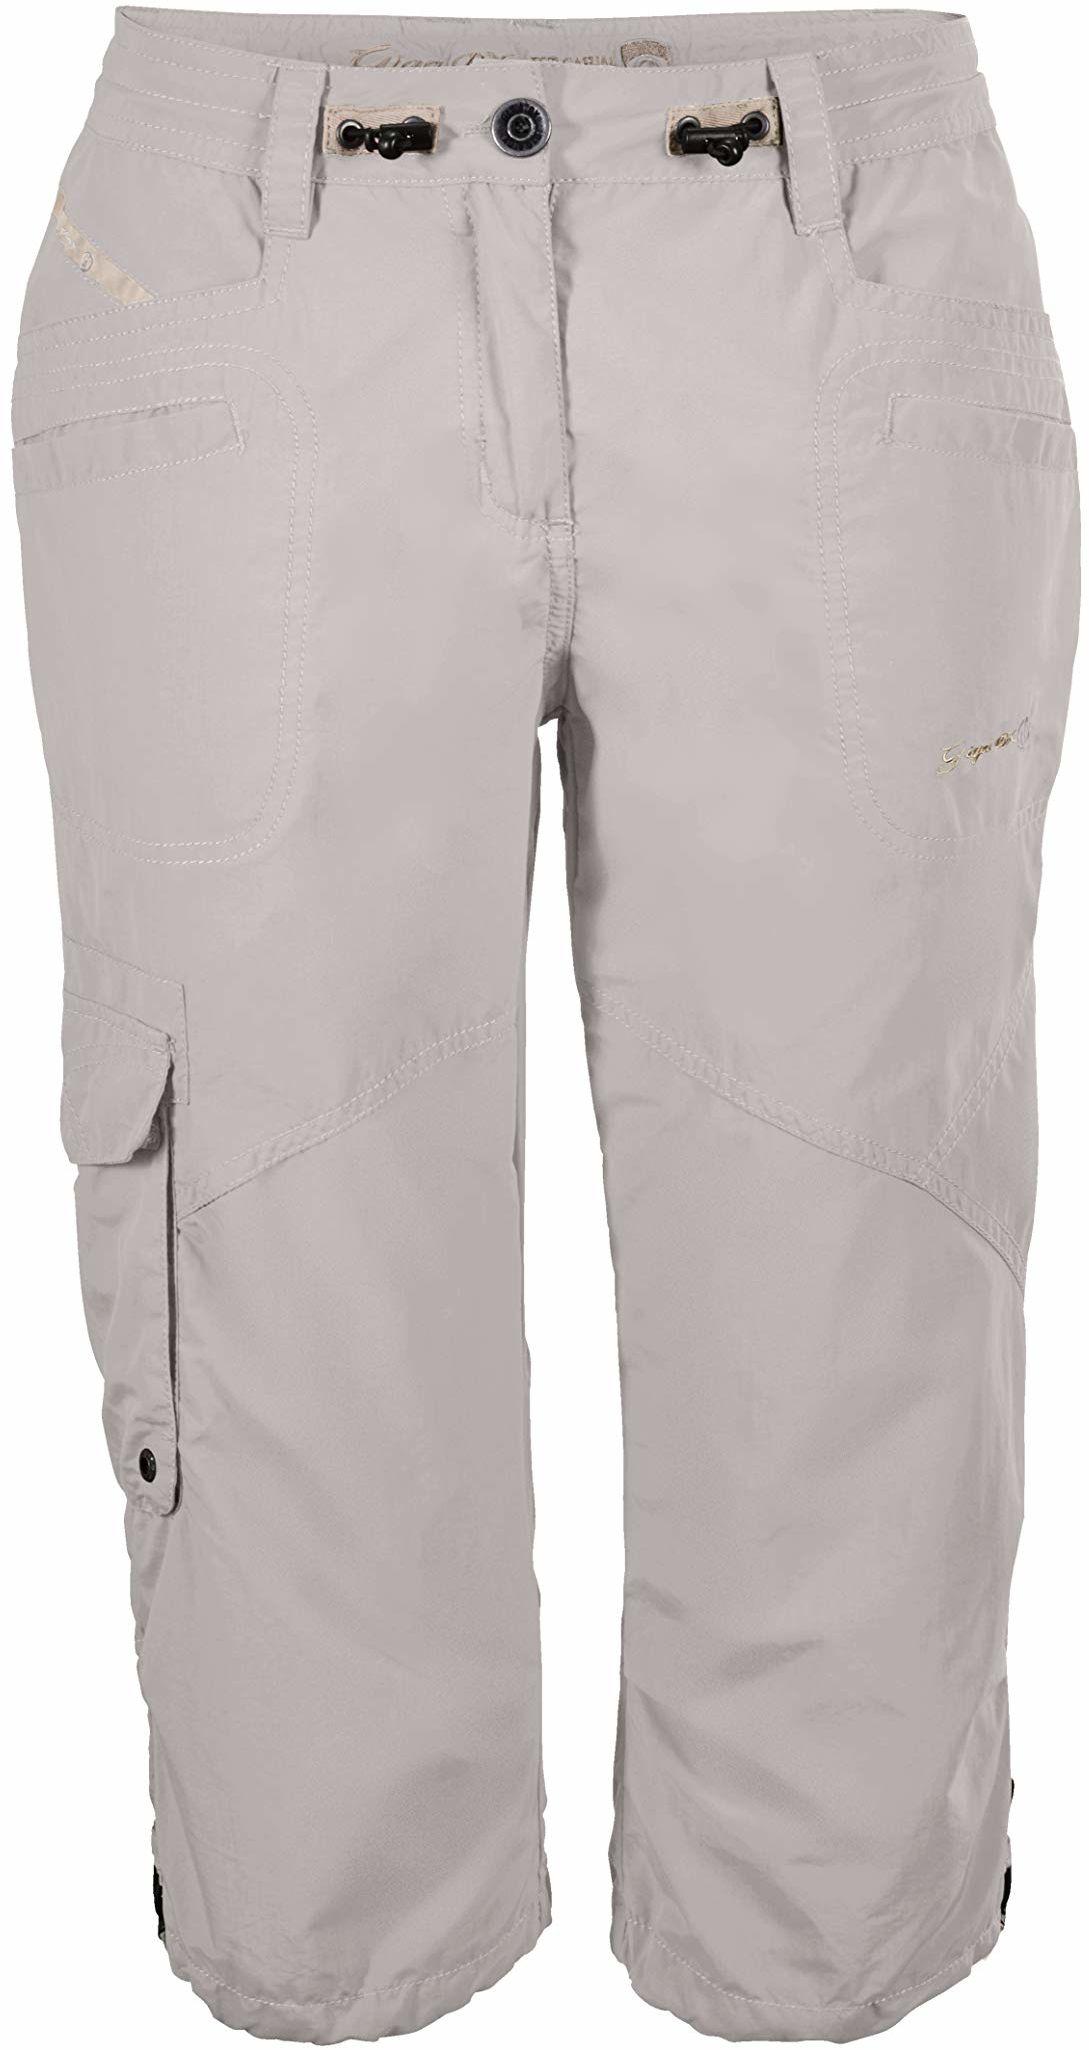 G.I.G.A. DX damskie spodnie Capri, 3/4 cargo spodnie na lato, regulowana szerokość w talii, kolor biały, 36